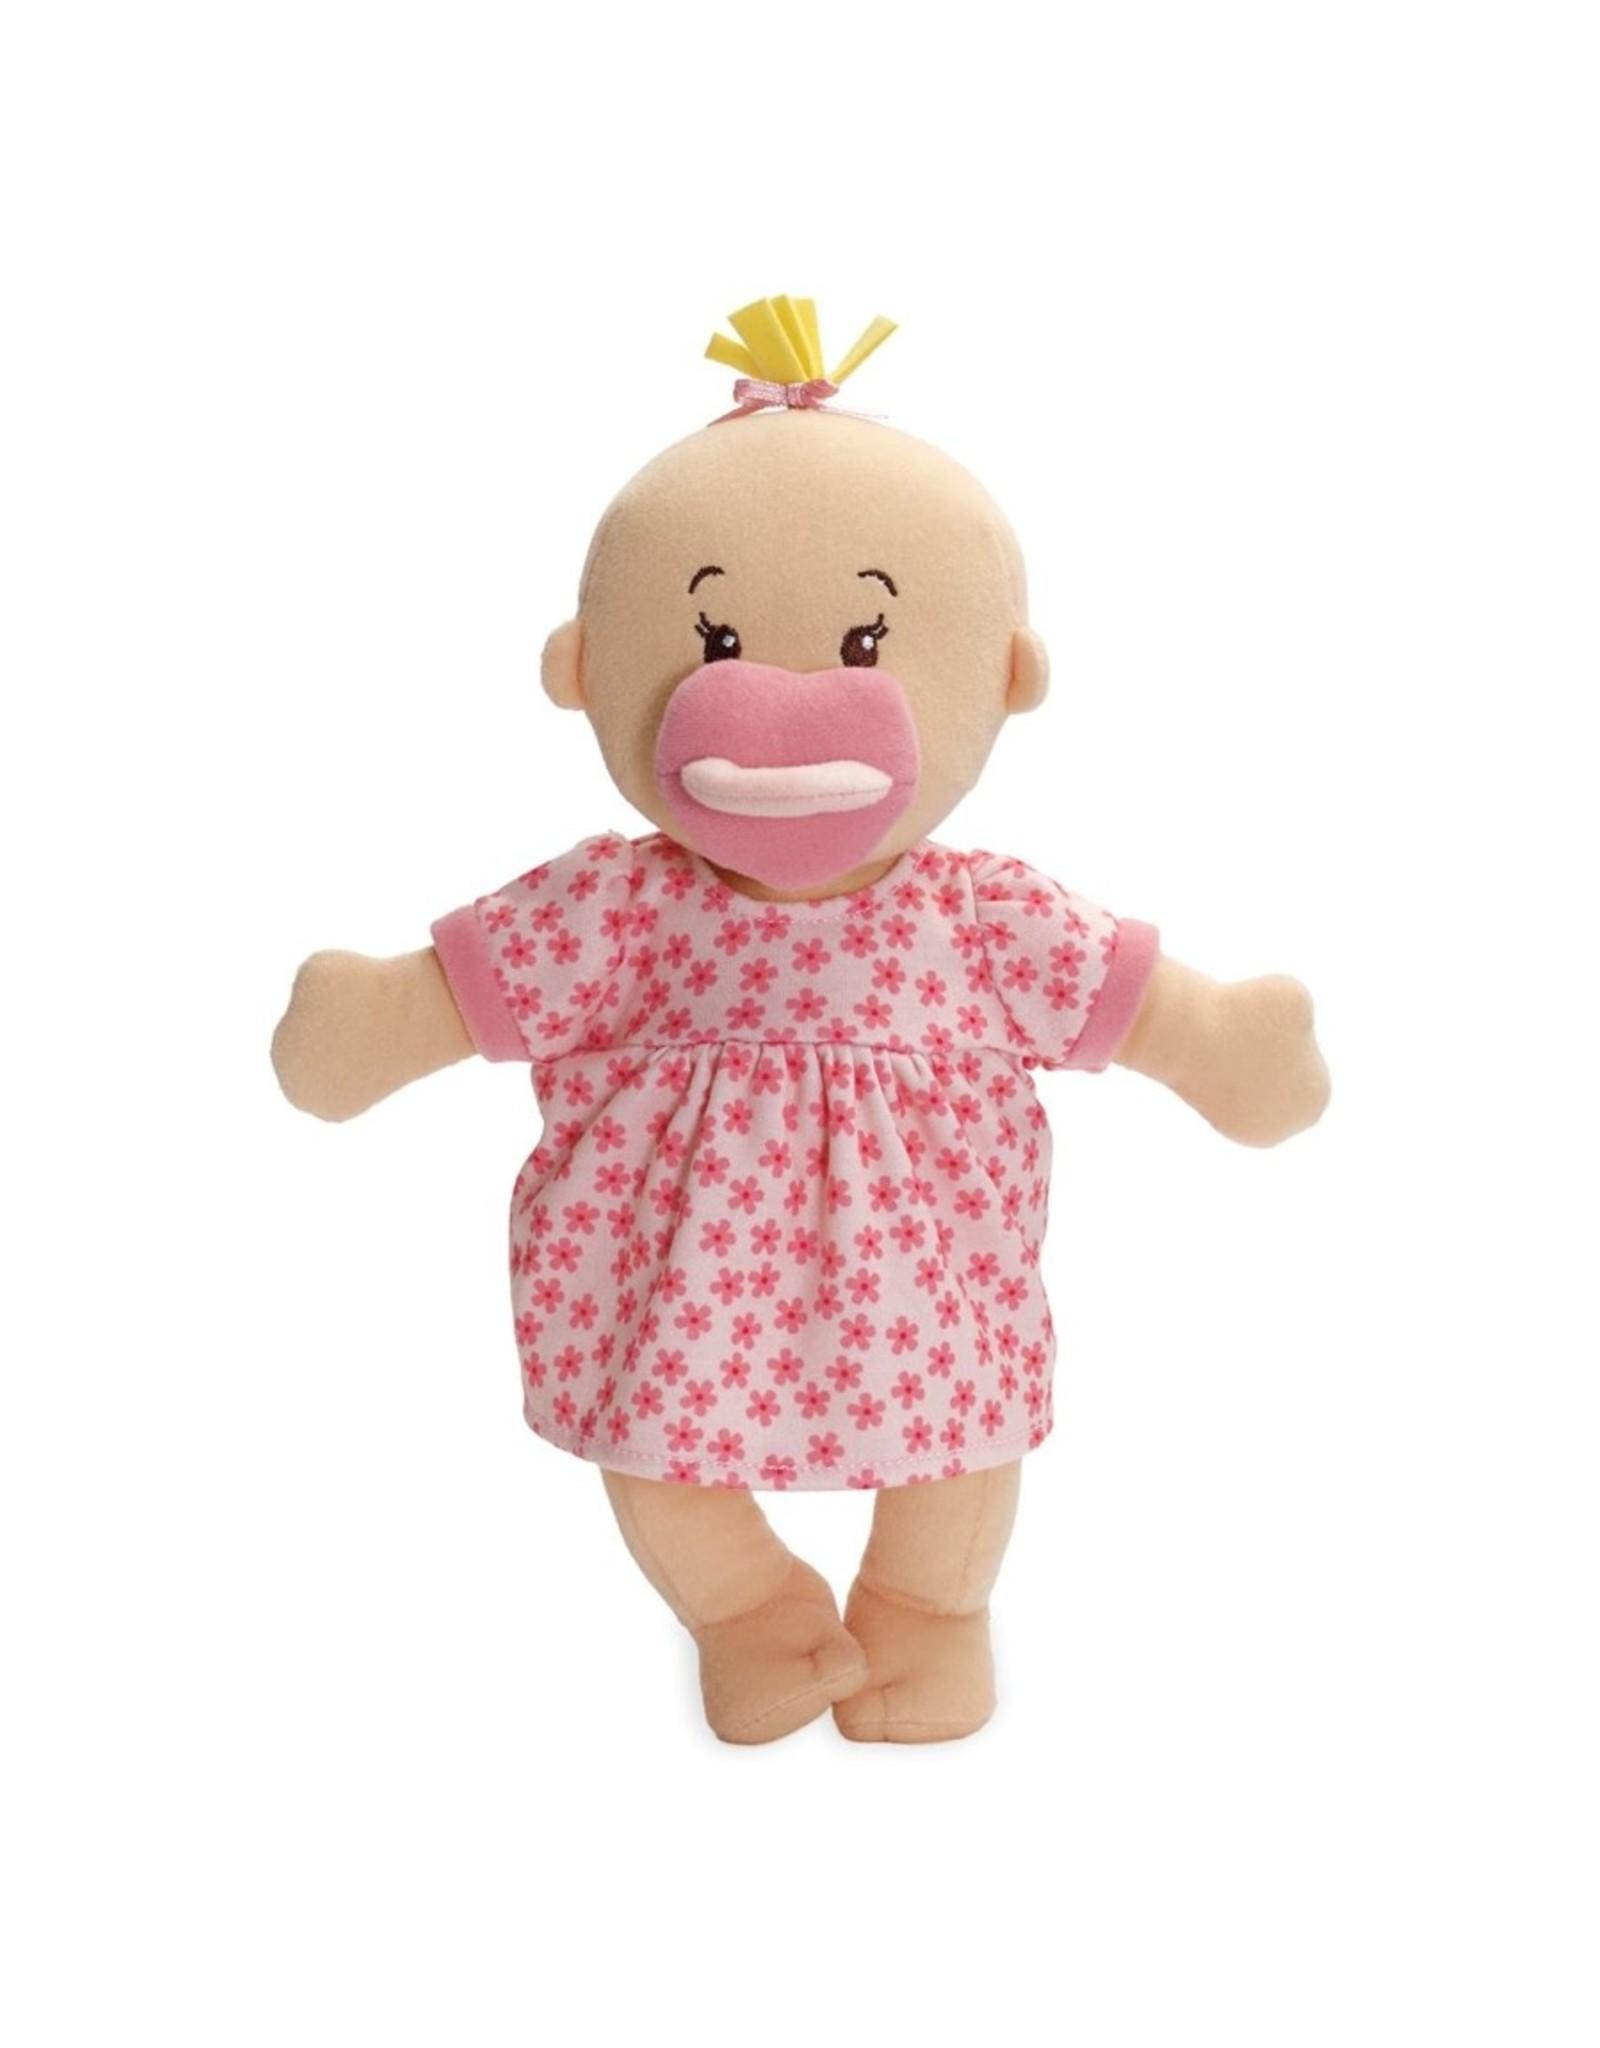 Manhattan Toy Baby Stella Doll Peach with Blonde Hair